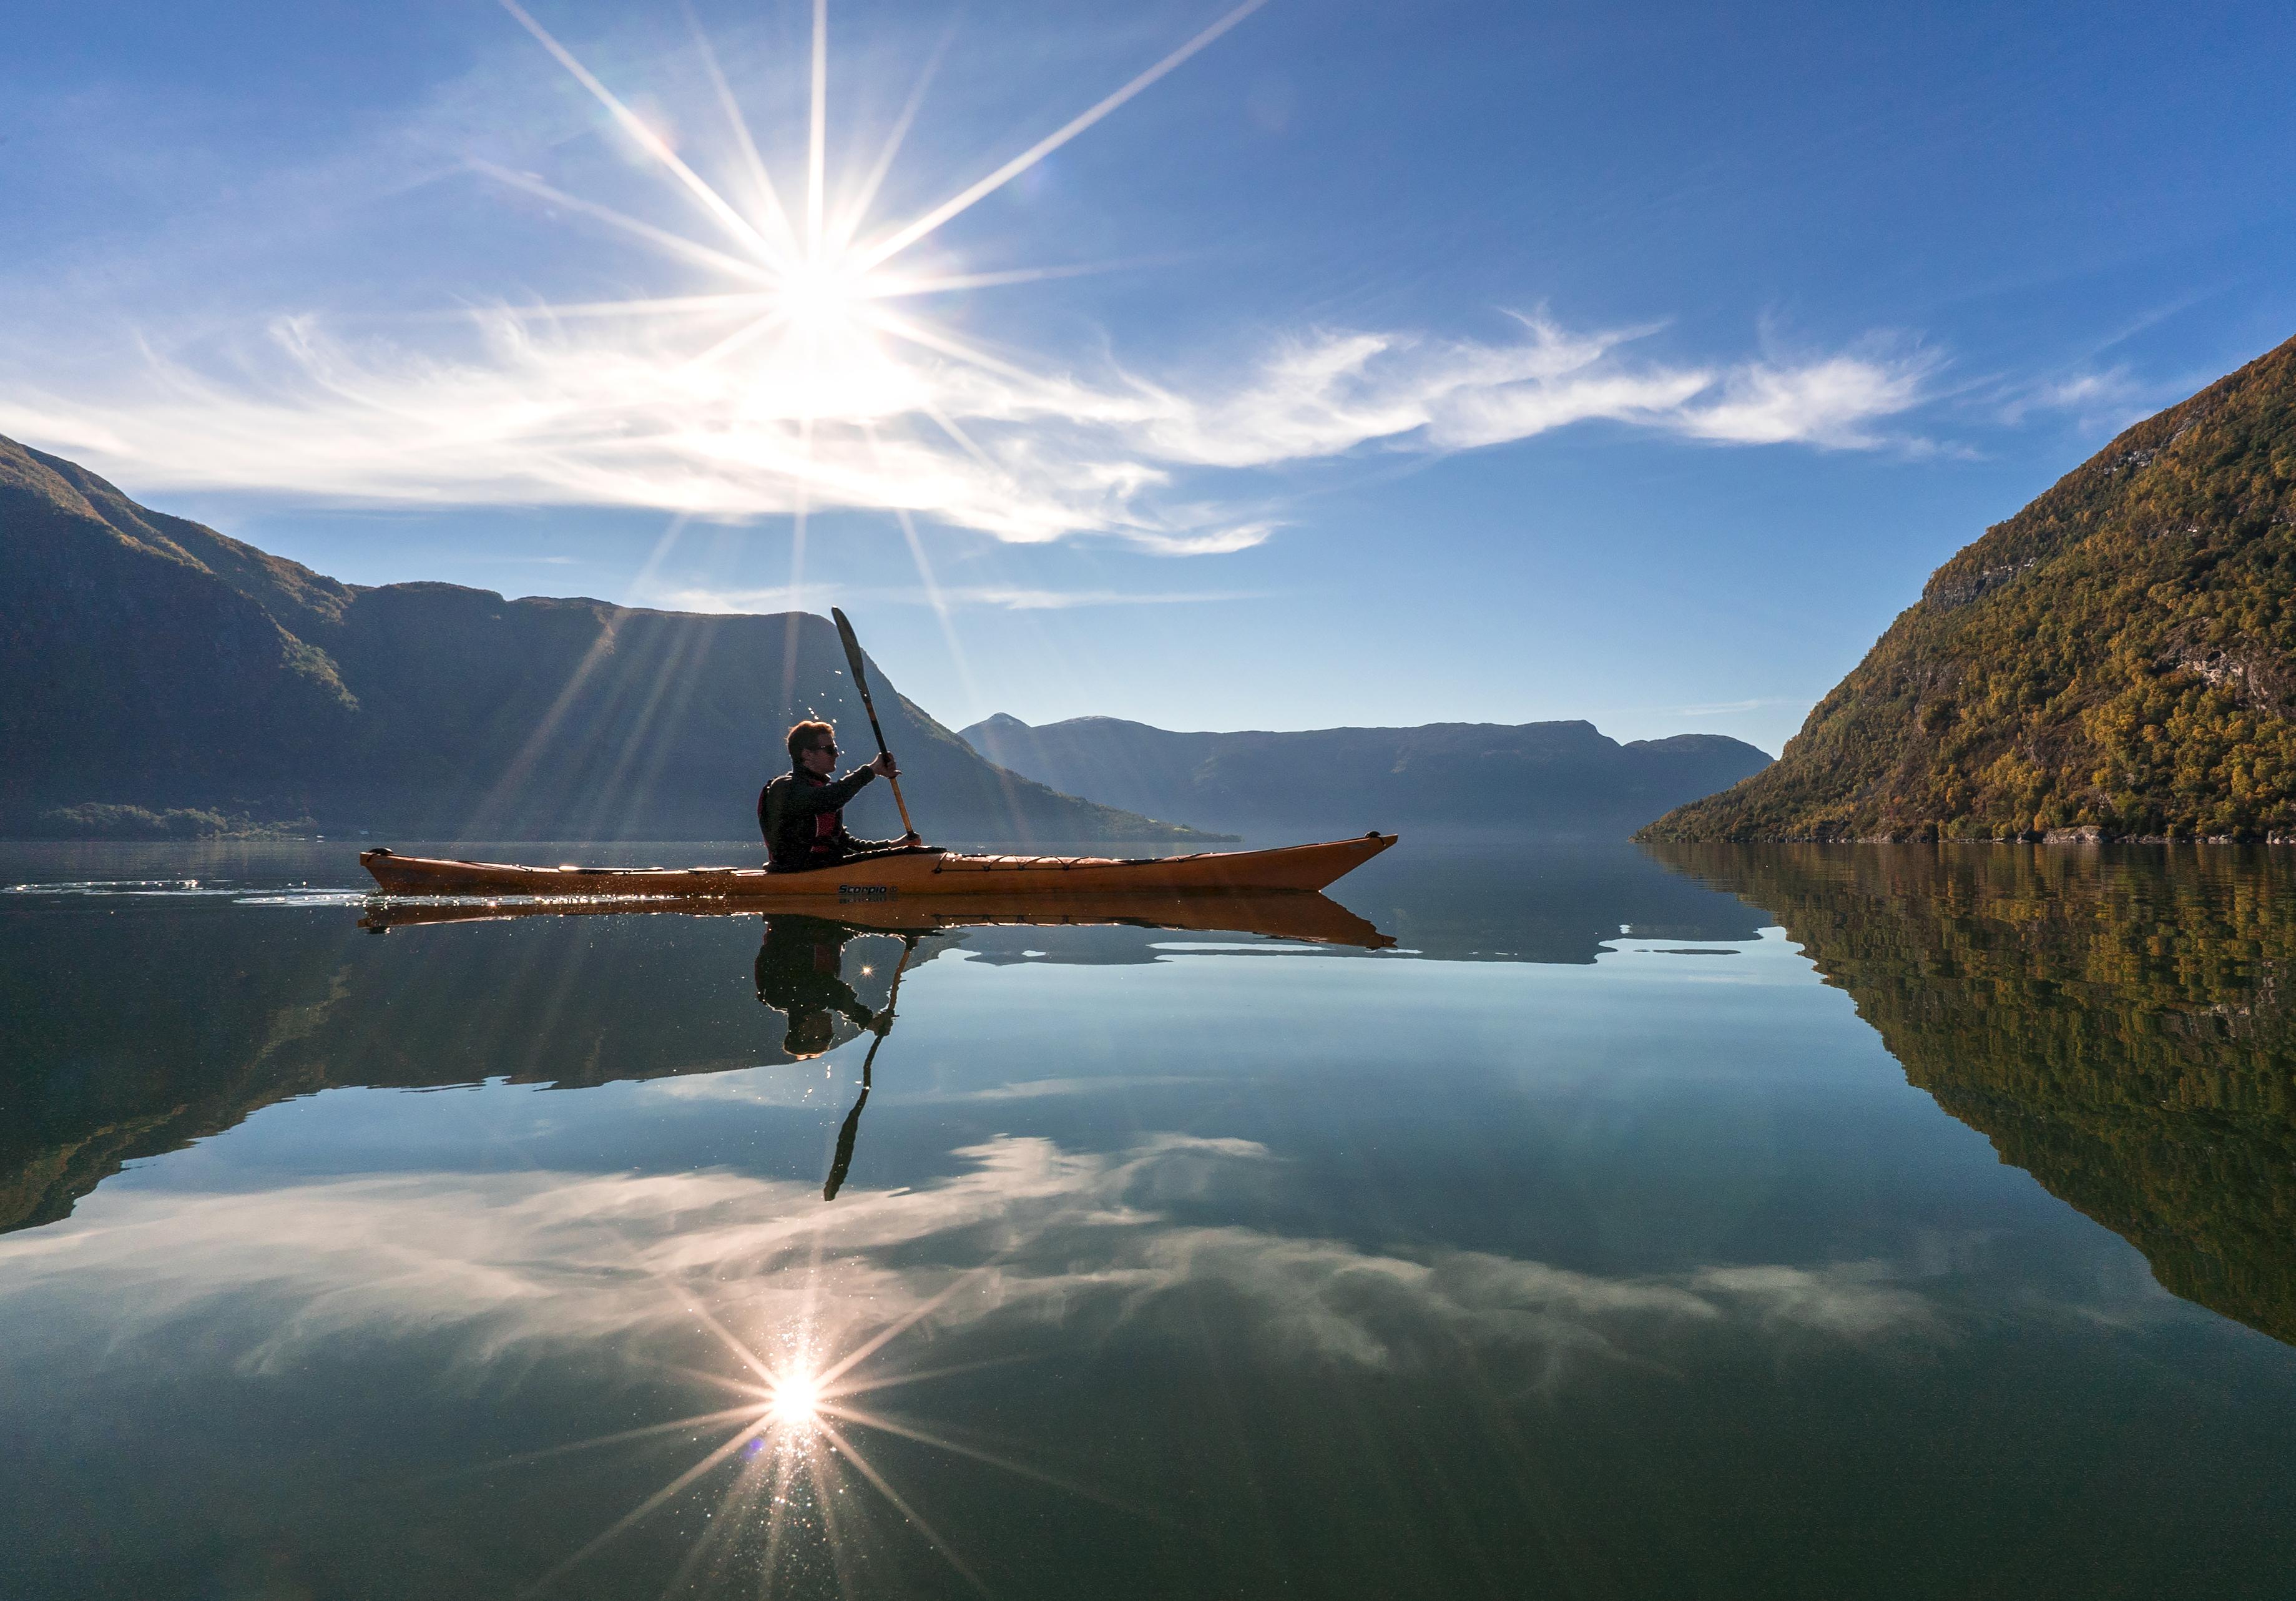 Kayakking in Lustrafjorden, Norway